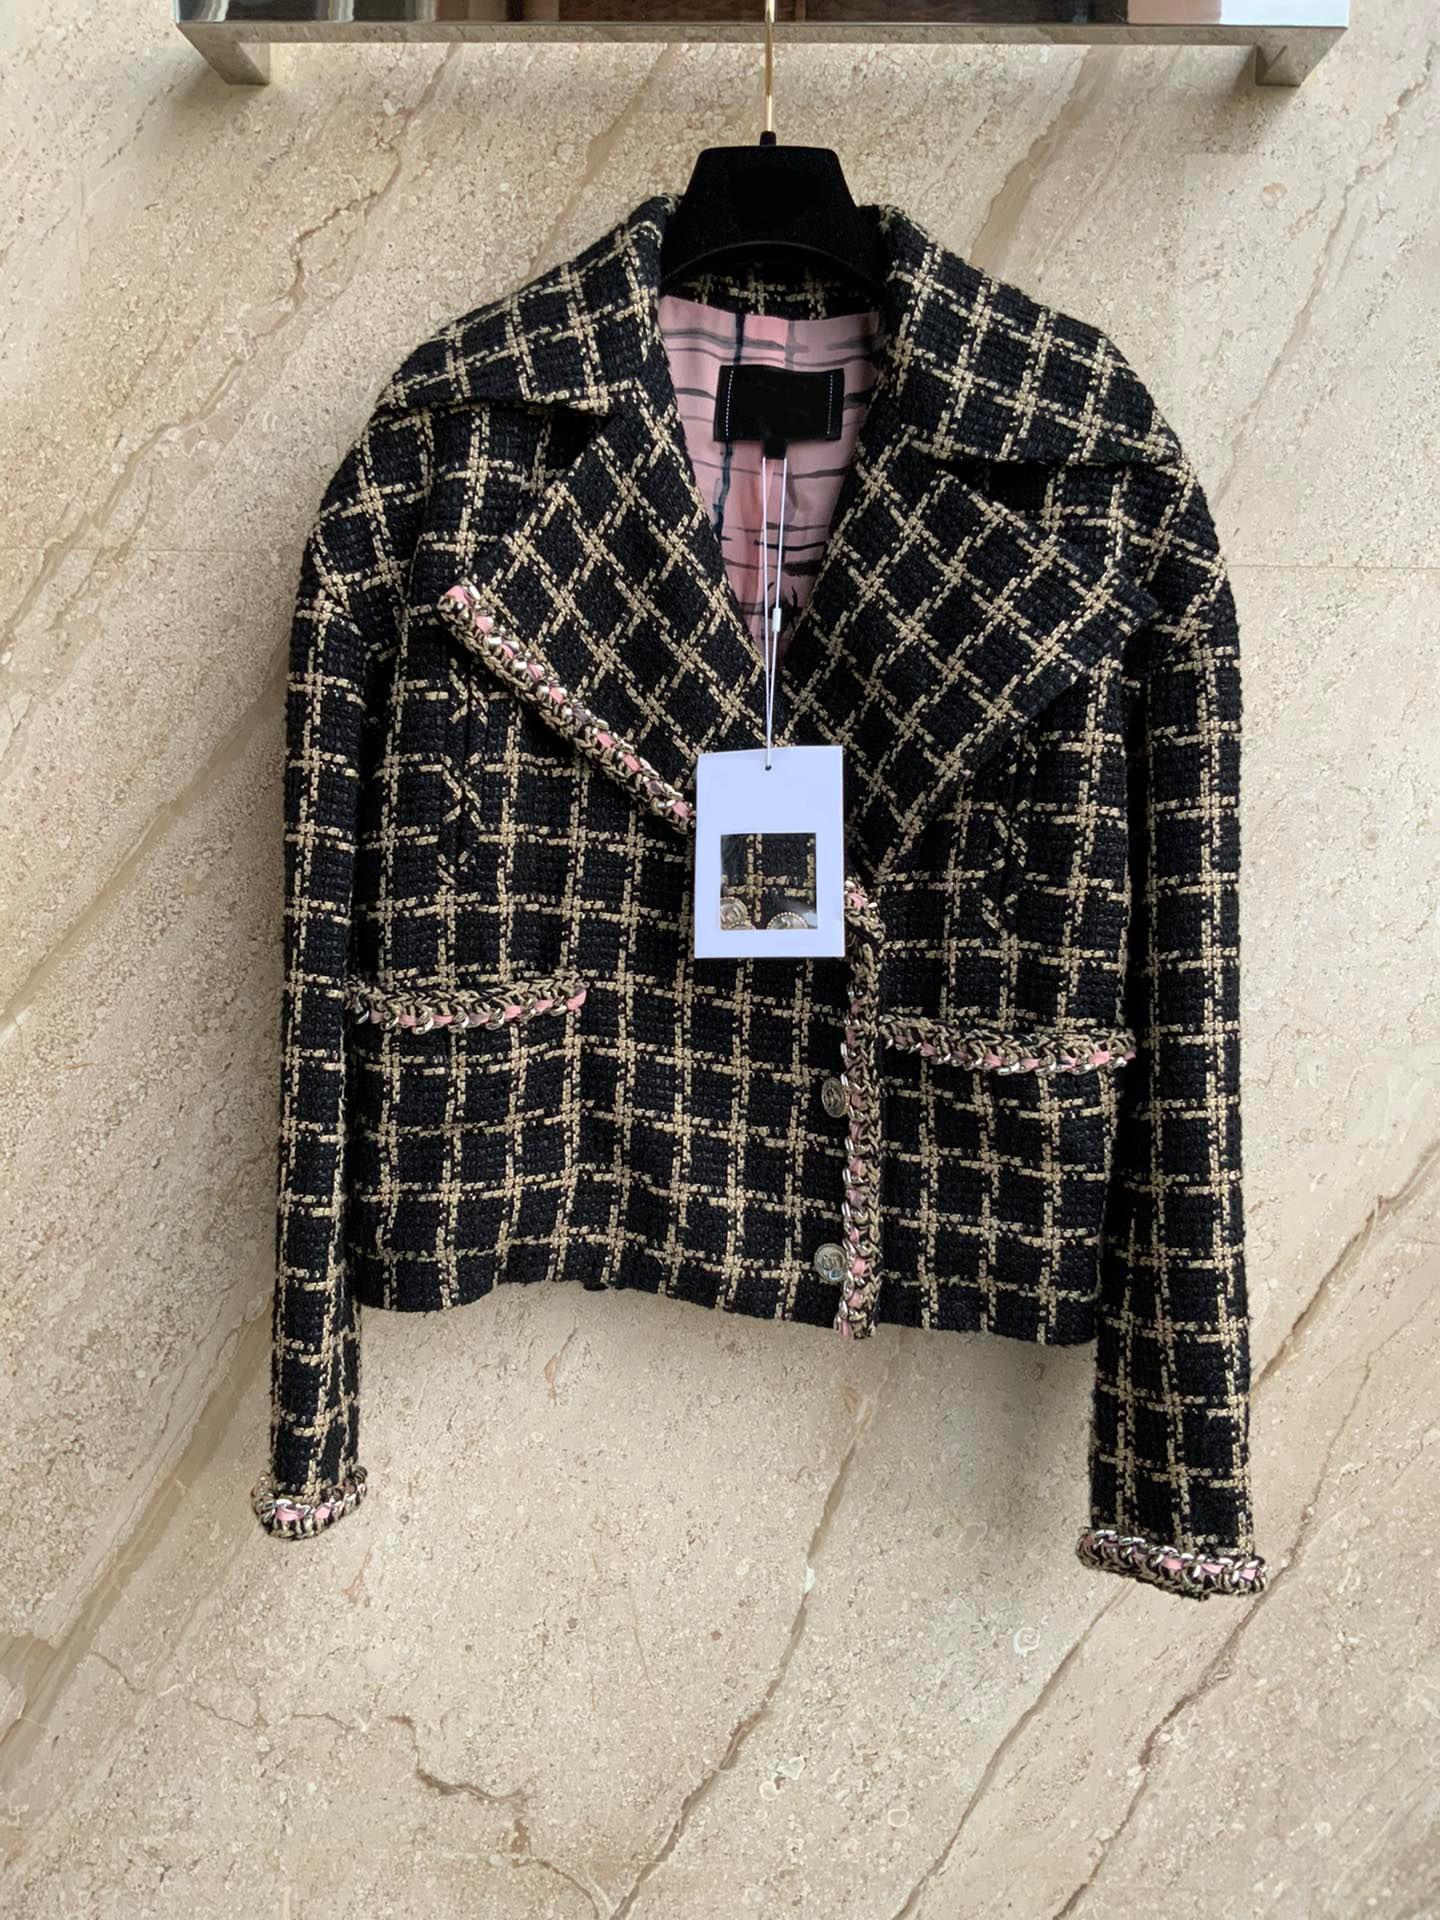 تشان المرأة قميص معطف للجنسين بلايز الربيع جاكيتات المرأة معطف كبير الحجم المرأة بلوزة حجم كبير